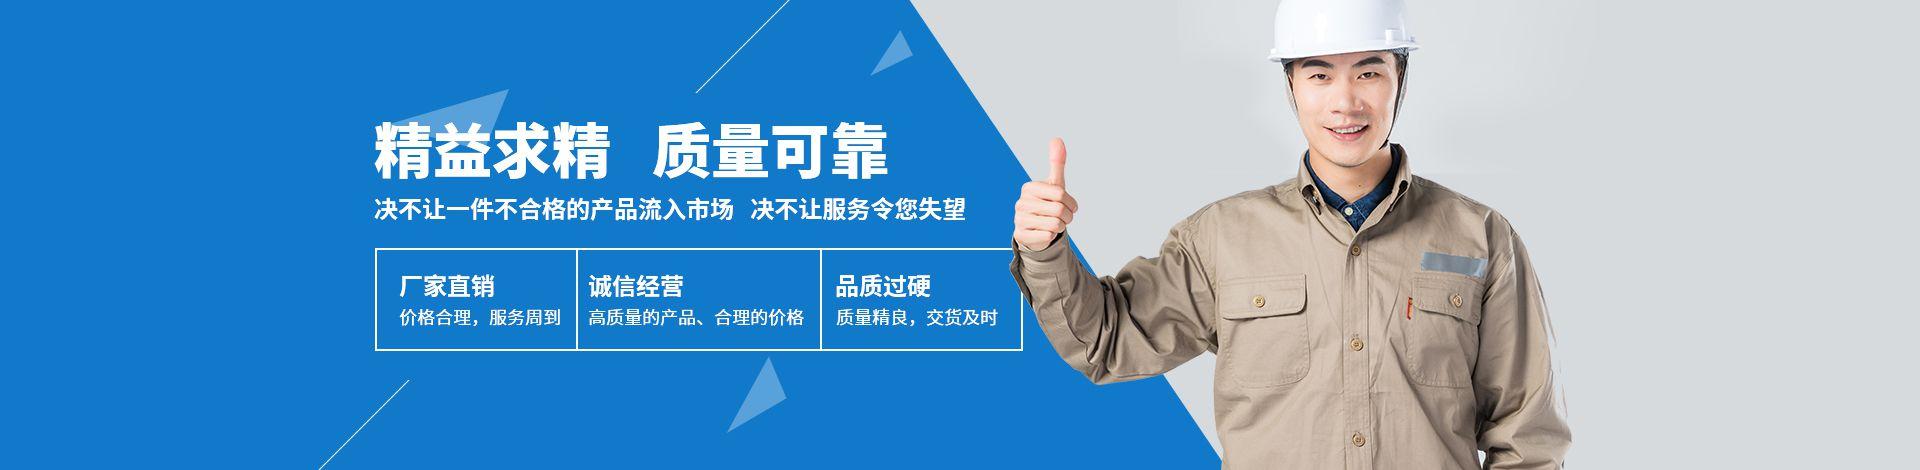 安平县顺旺丝网制品有限公司